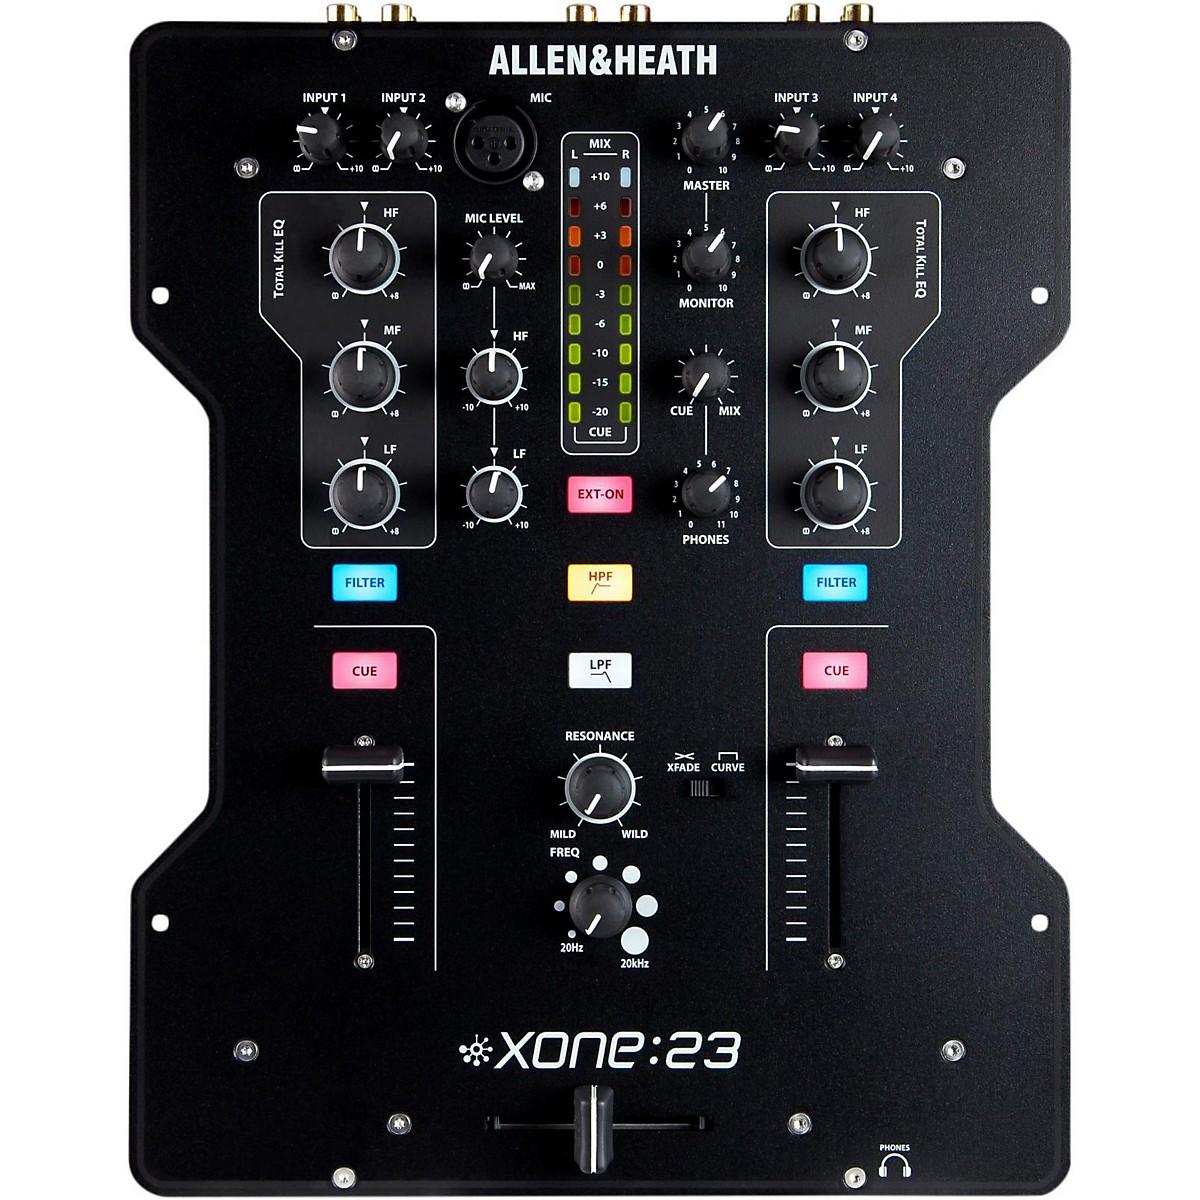 Allen & Heath XONE:23 2-Channel DJ Mixer